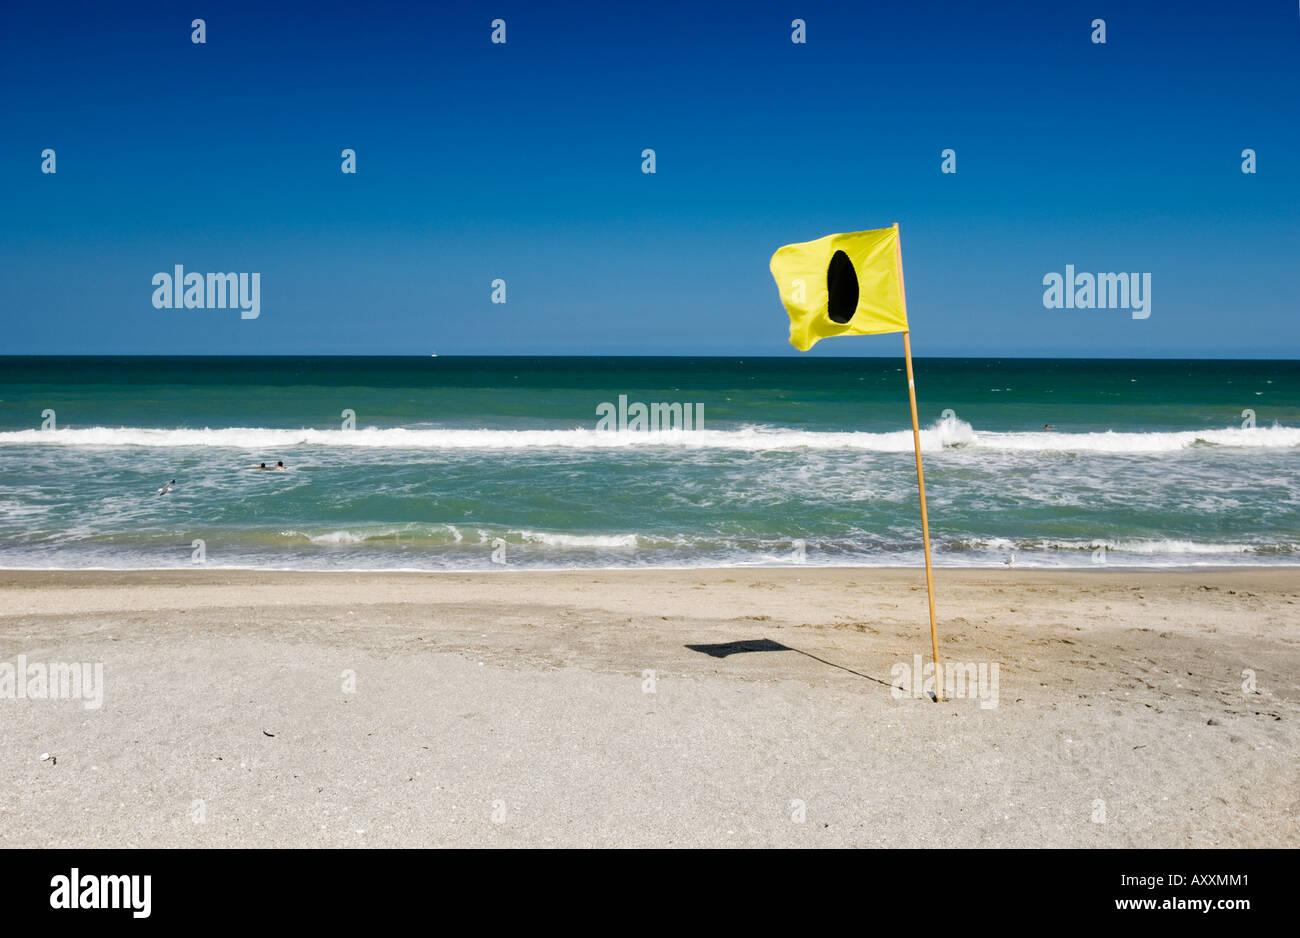 Ich Flagge Regel 30 1 rund um die Enden-Regel ist in der Tat gelbe Flagge mit schwarzen Punkt Kreis solide Runde am Strand Stockbild